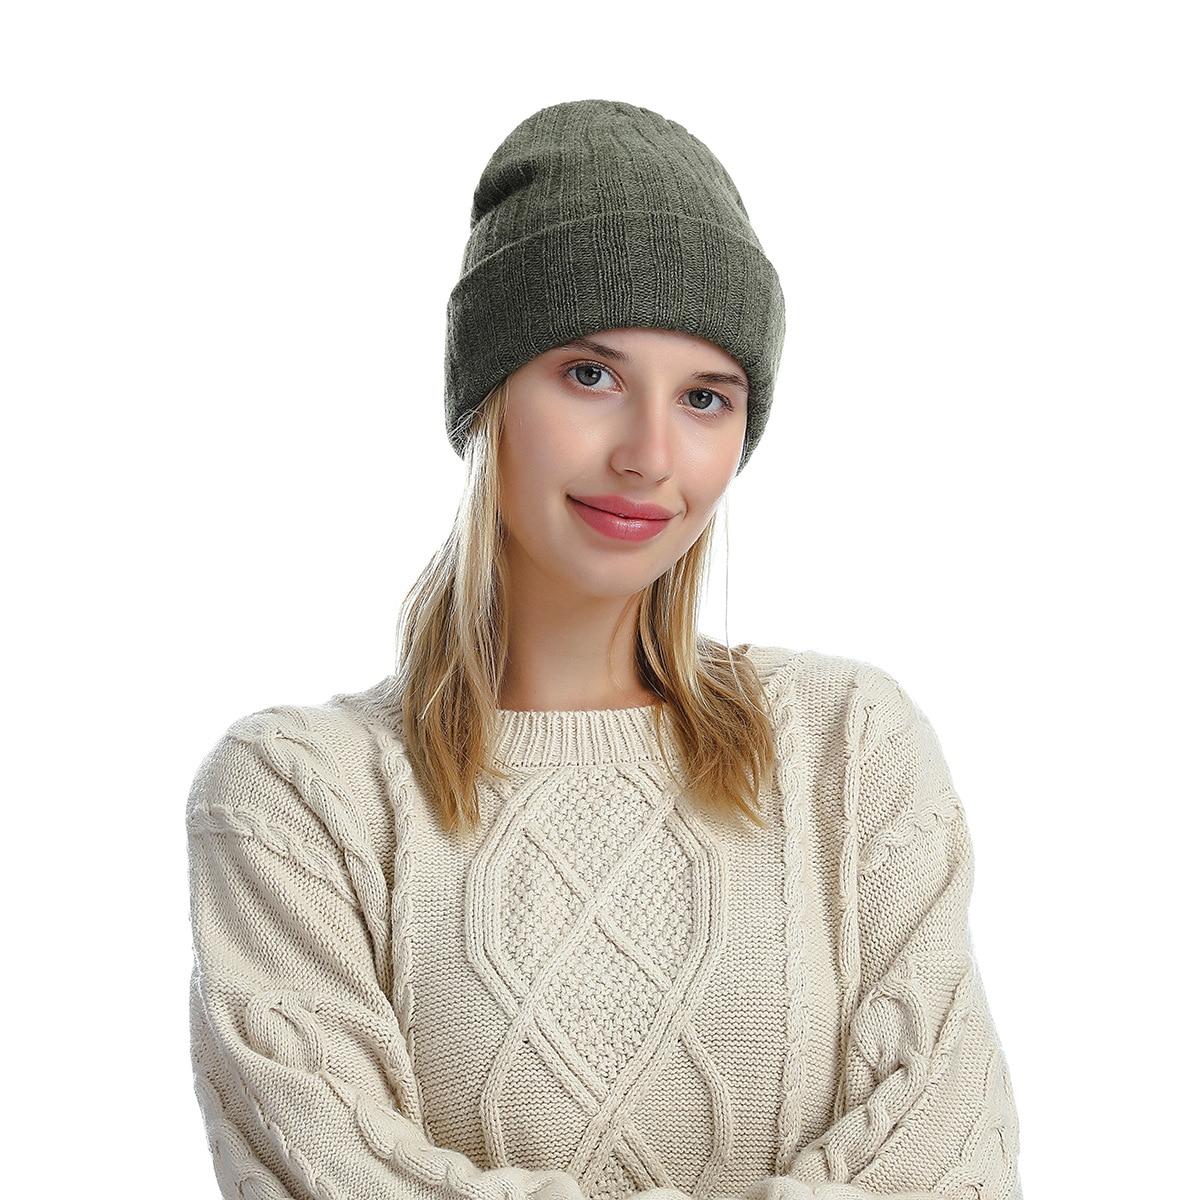 Зимняя шапка, вязаная шерстяная шапка, шапки для женщин, осенняя хлопковая шапка, шапка, Повседневные шапки с узором, оптовая продажа, зимние...